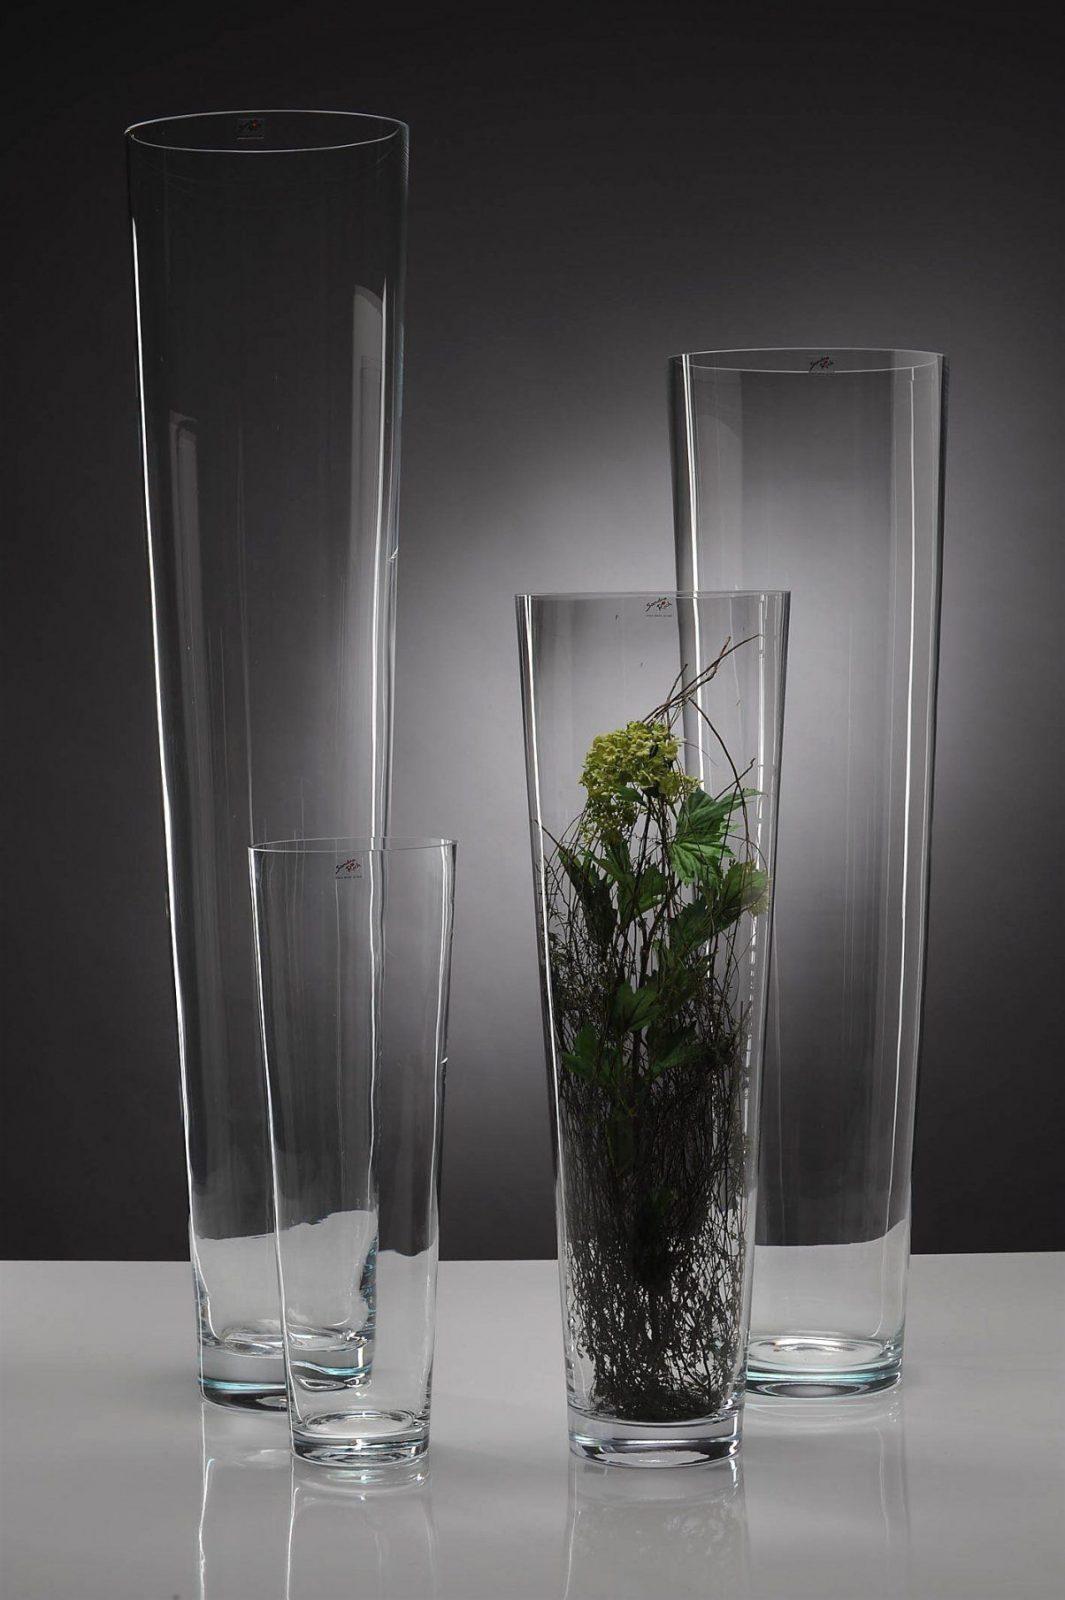 13 Schön Dekoideen Große Glasvase  Dekoration Ideen Galerie von Dekoideen Für Große Glasvase Bild